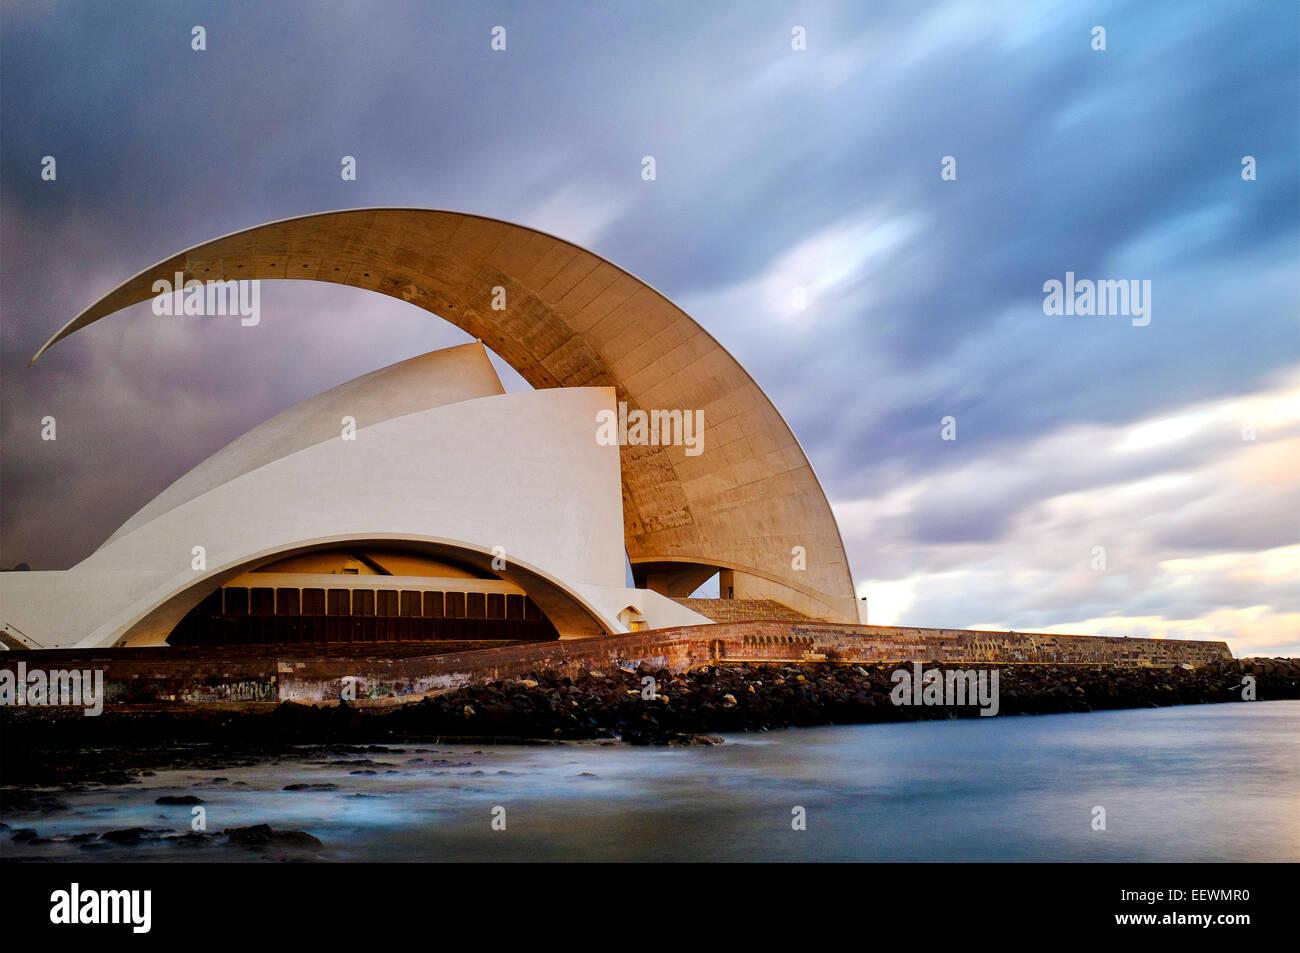 Auditorio de Tenerife, Santa Cruz de Tenerife, Canary Islands, Spain - Stock Image